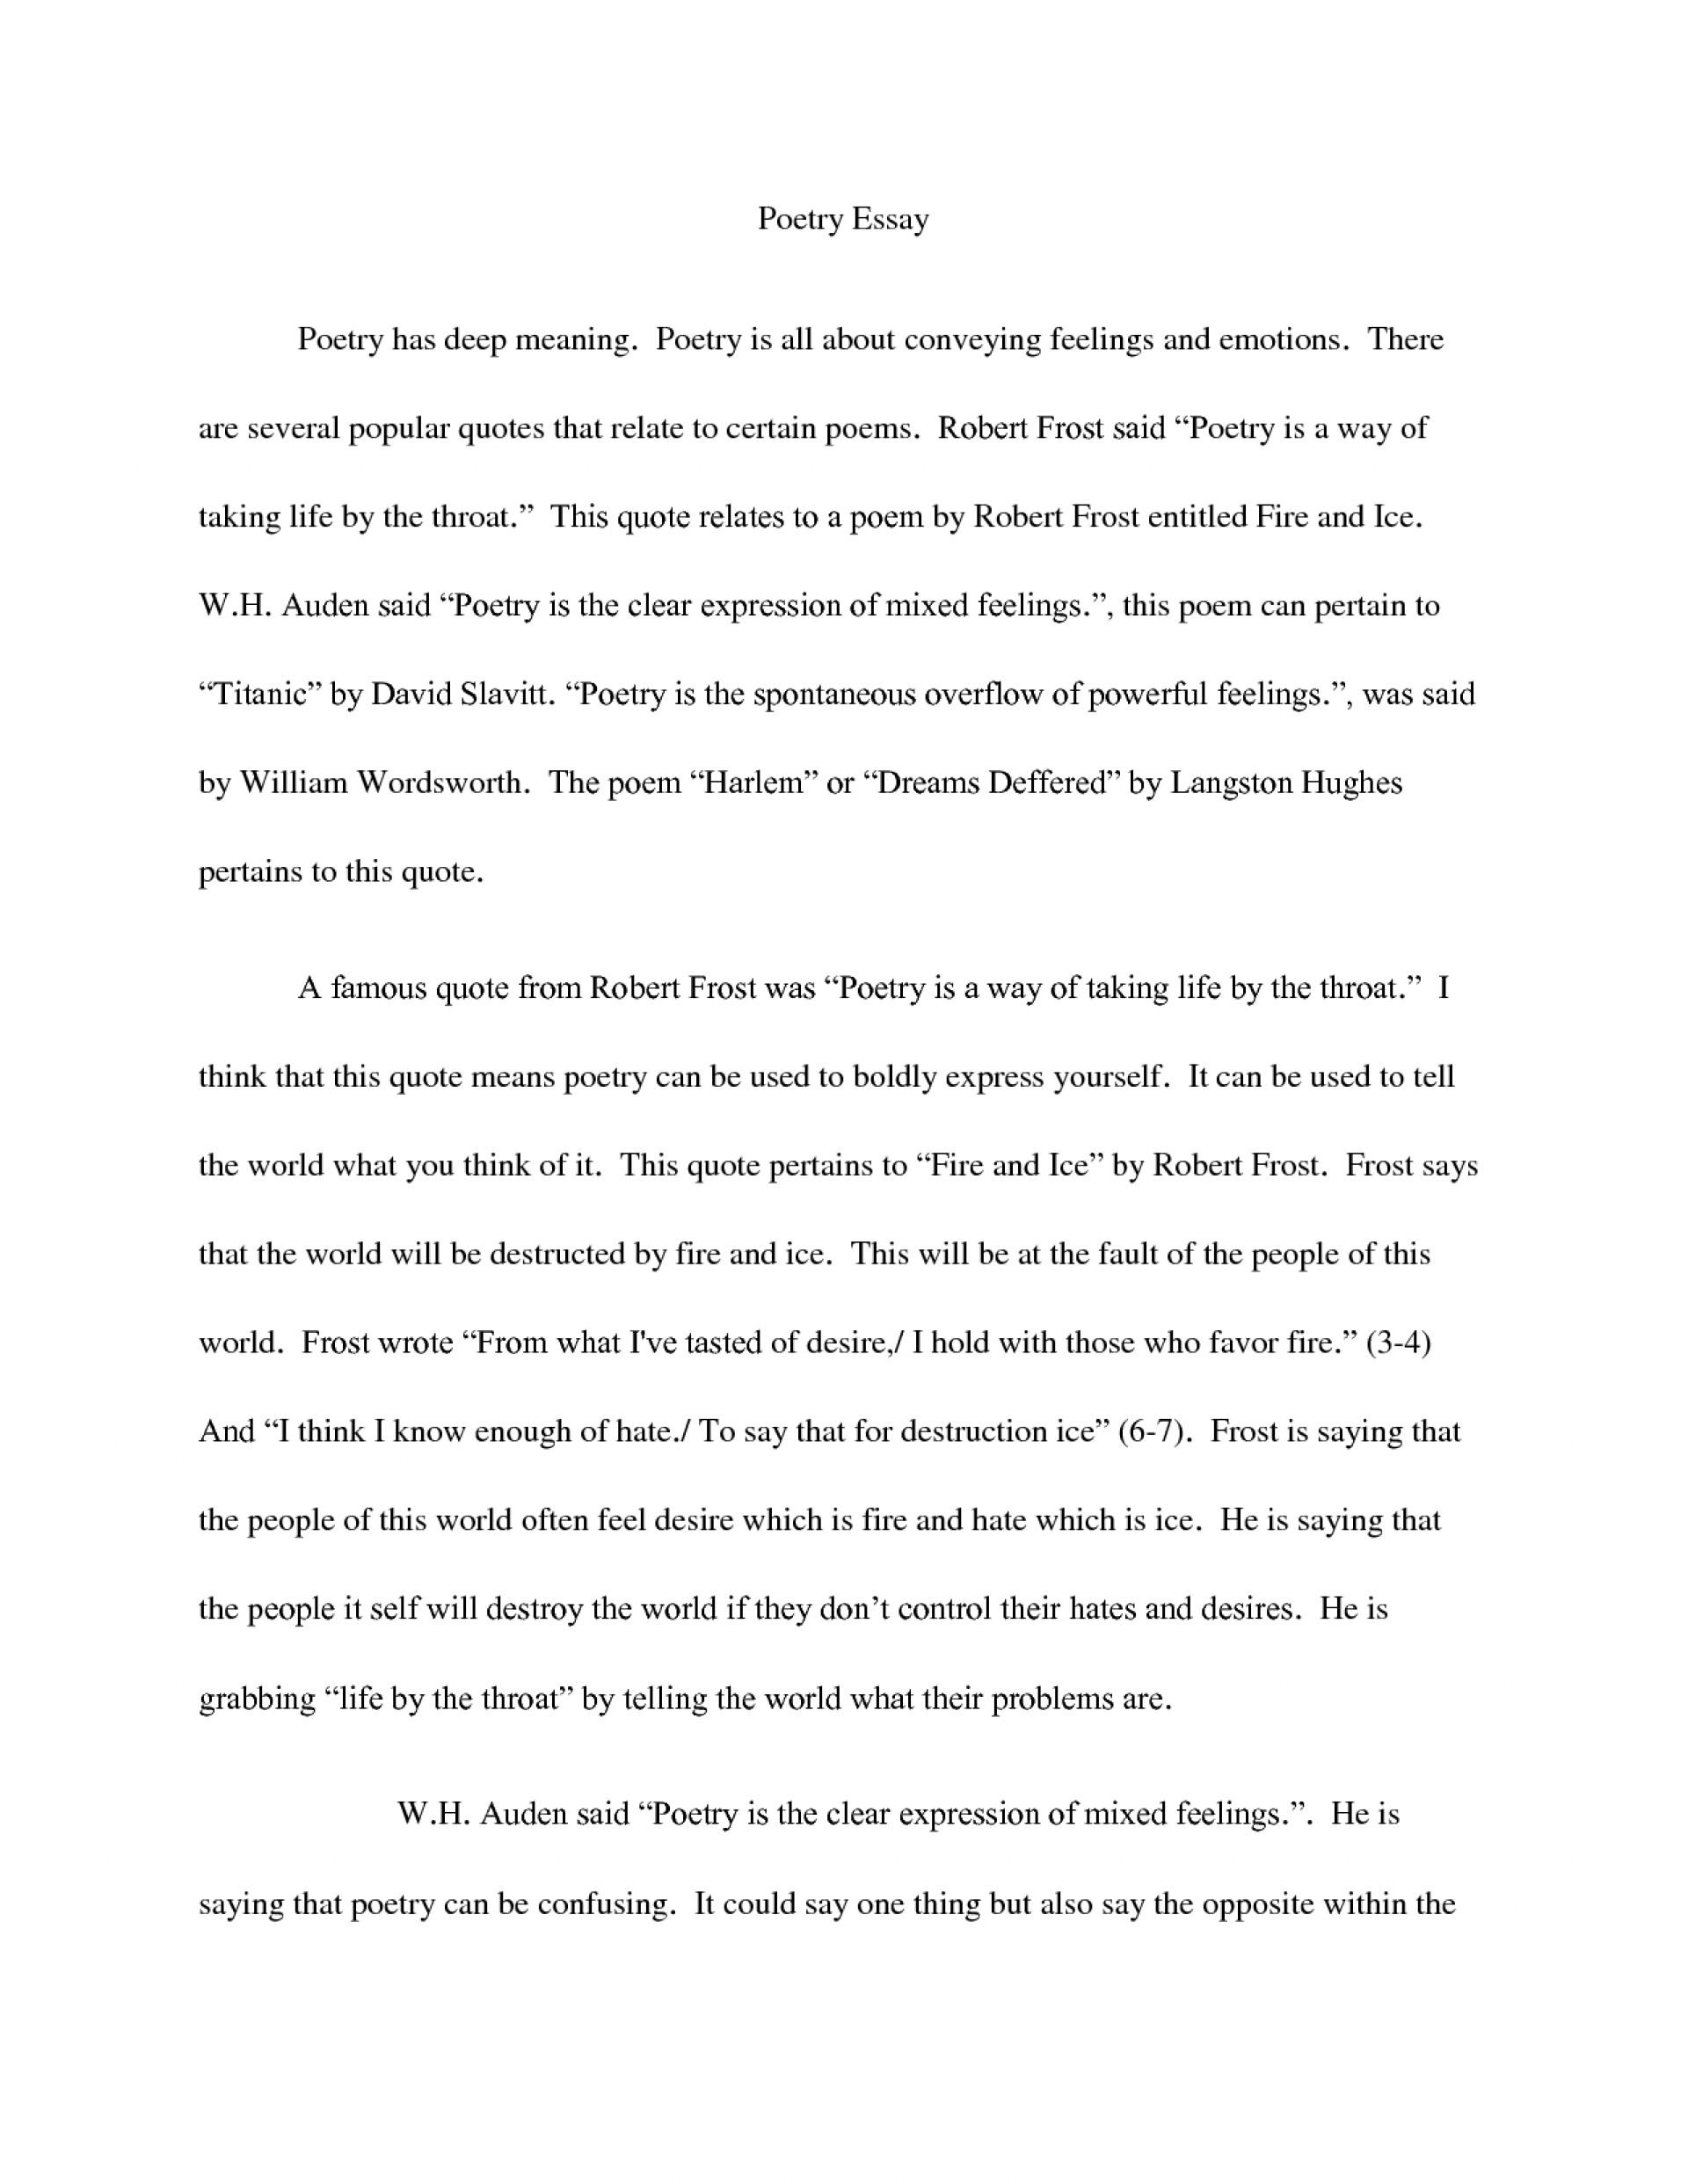 High School Essay, How To Write Guide - essaybasics.com